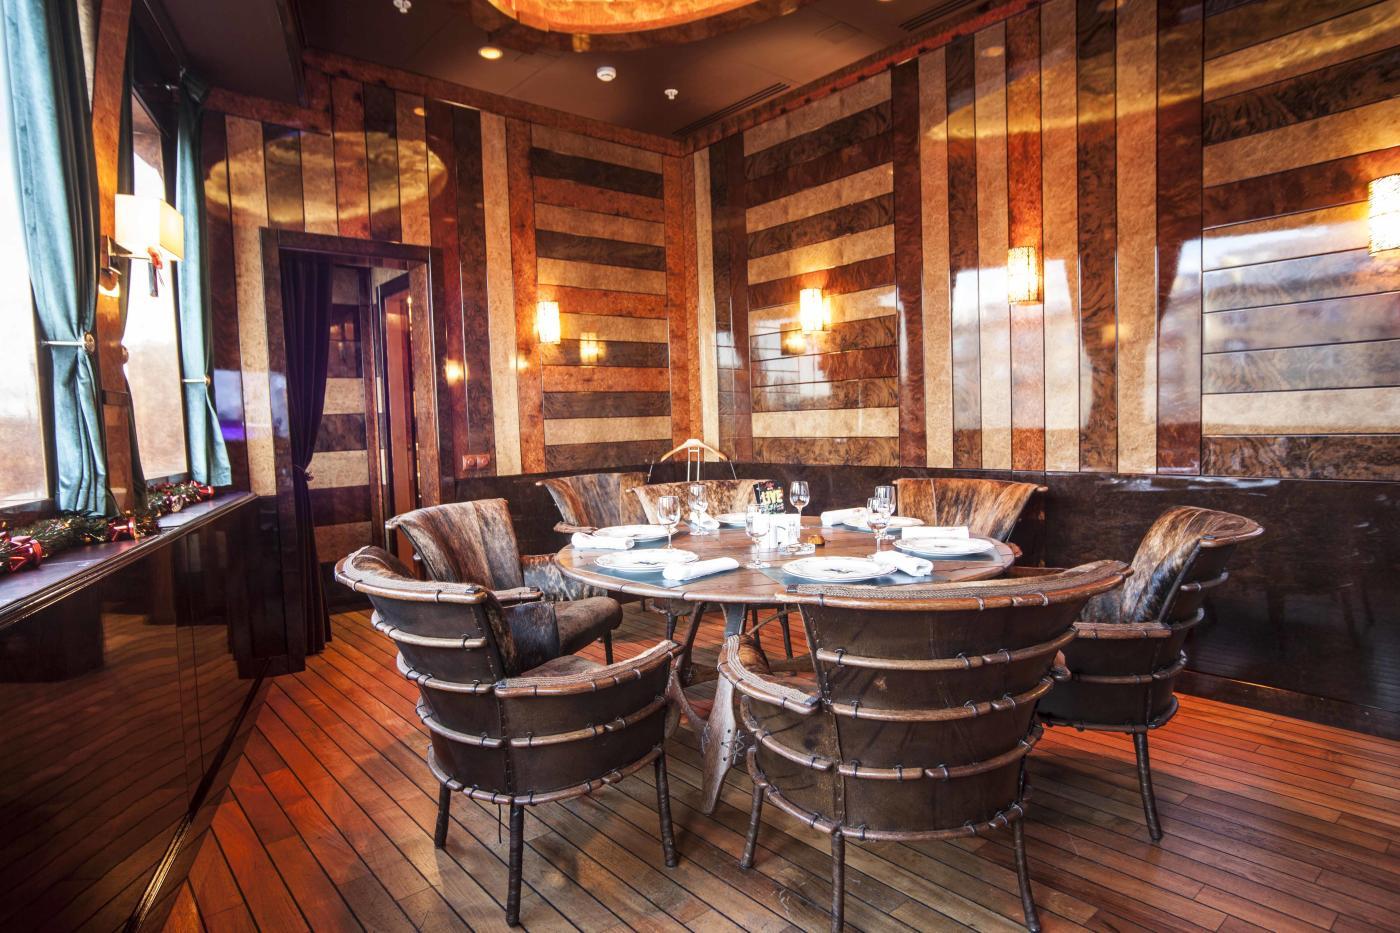 Ресторан Лодка в Лотте Плаза фото 3